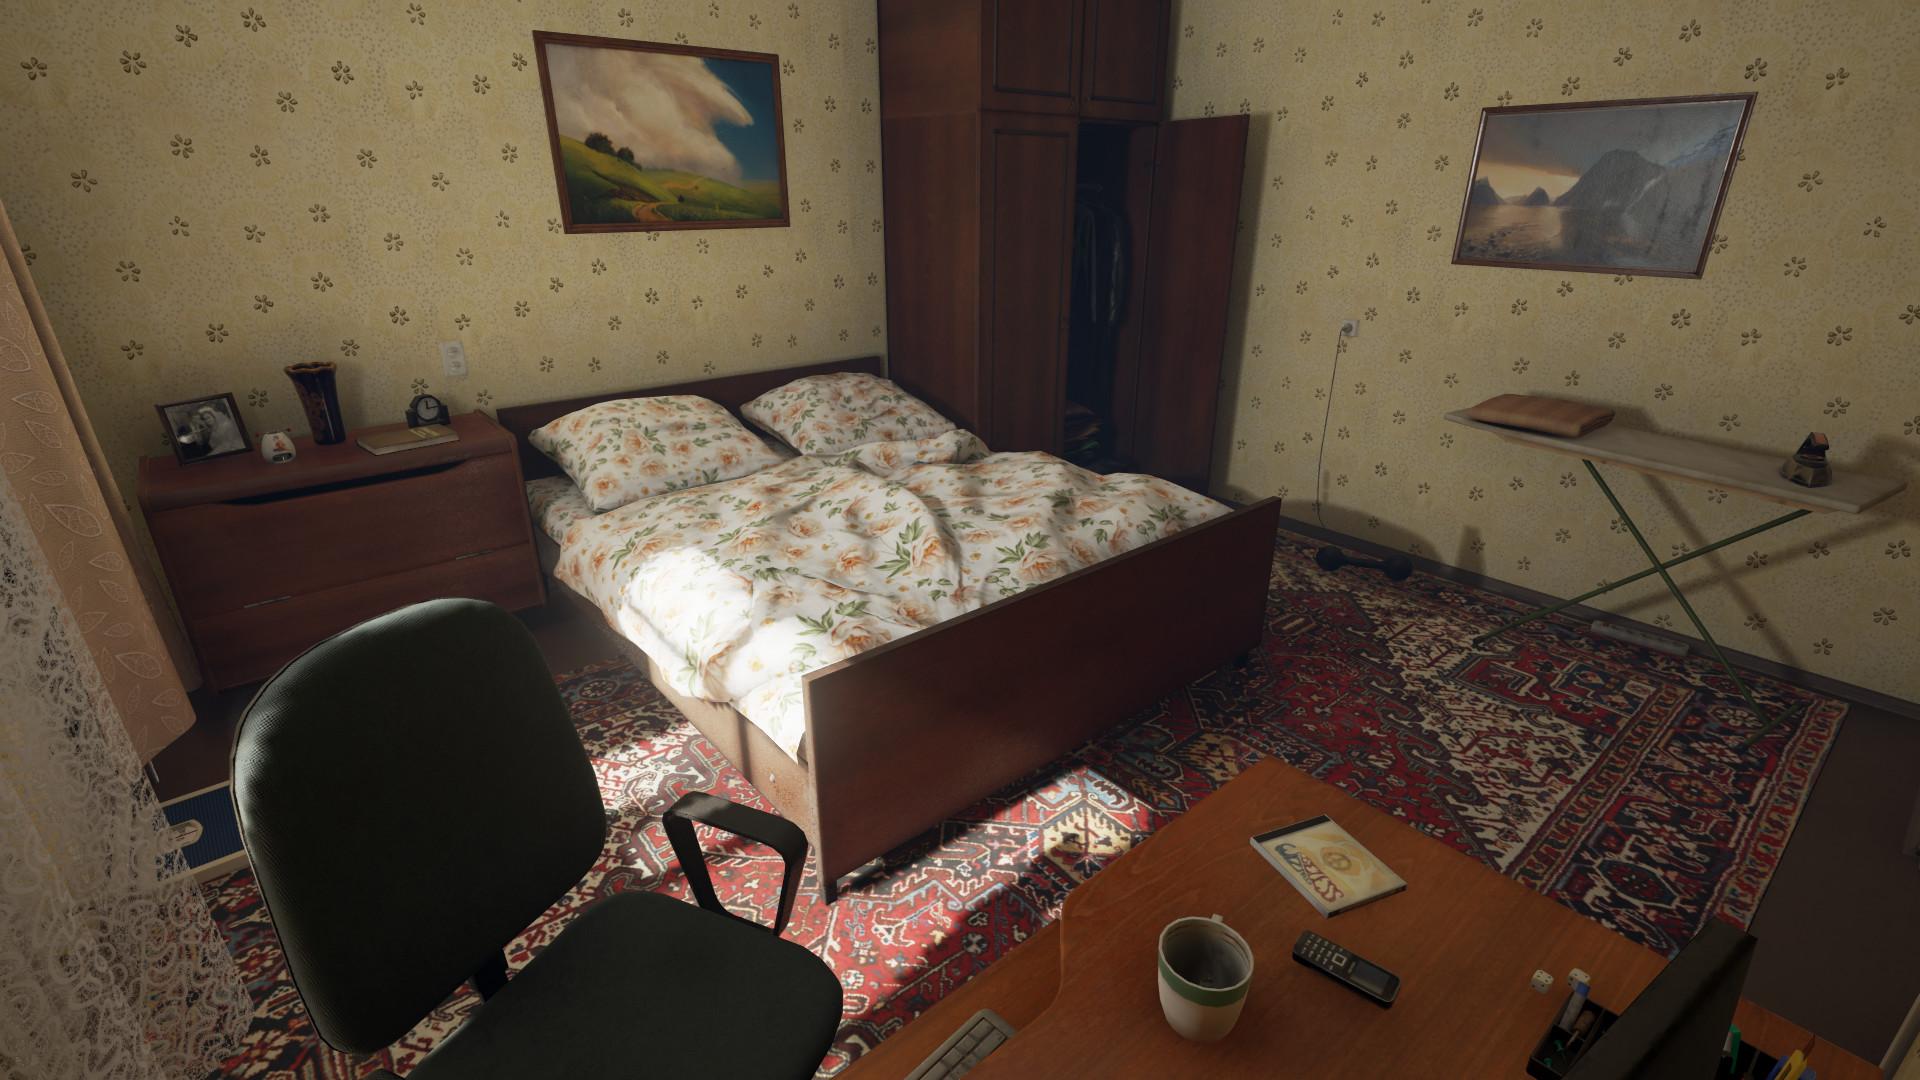 aleksandr-goryachev-screenshot00000-1.jp